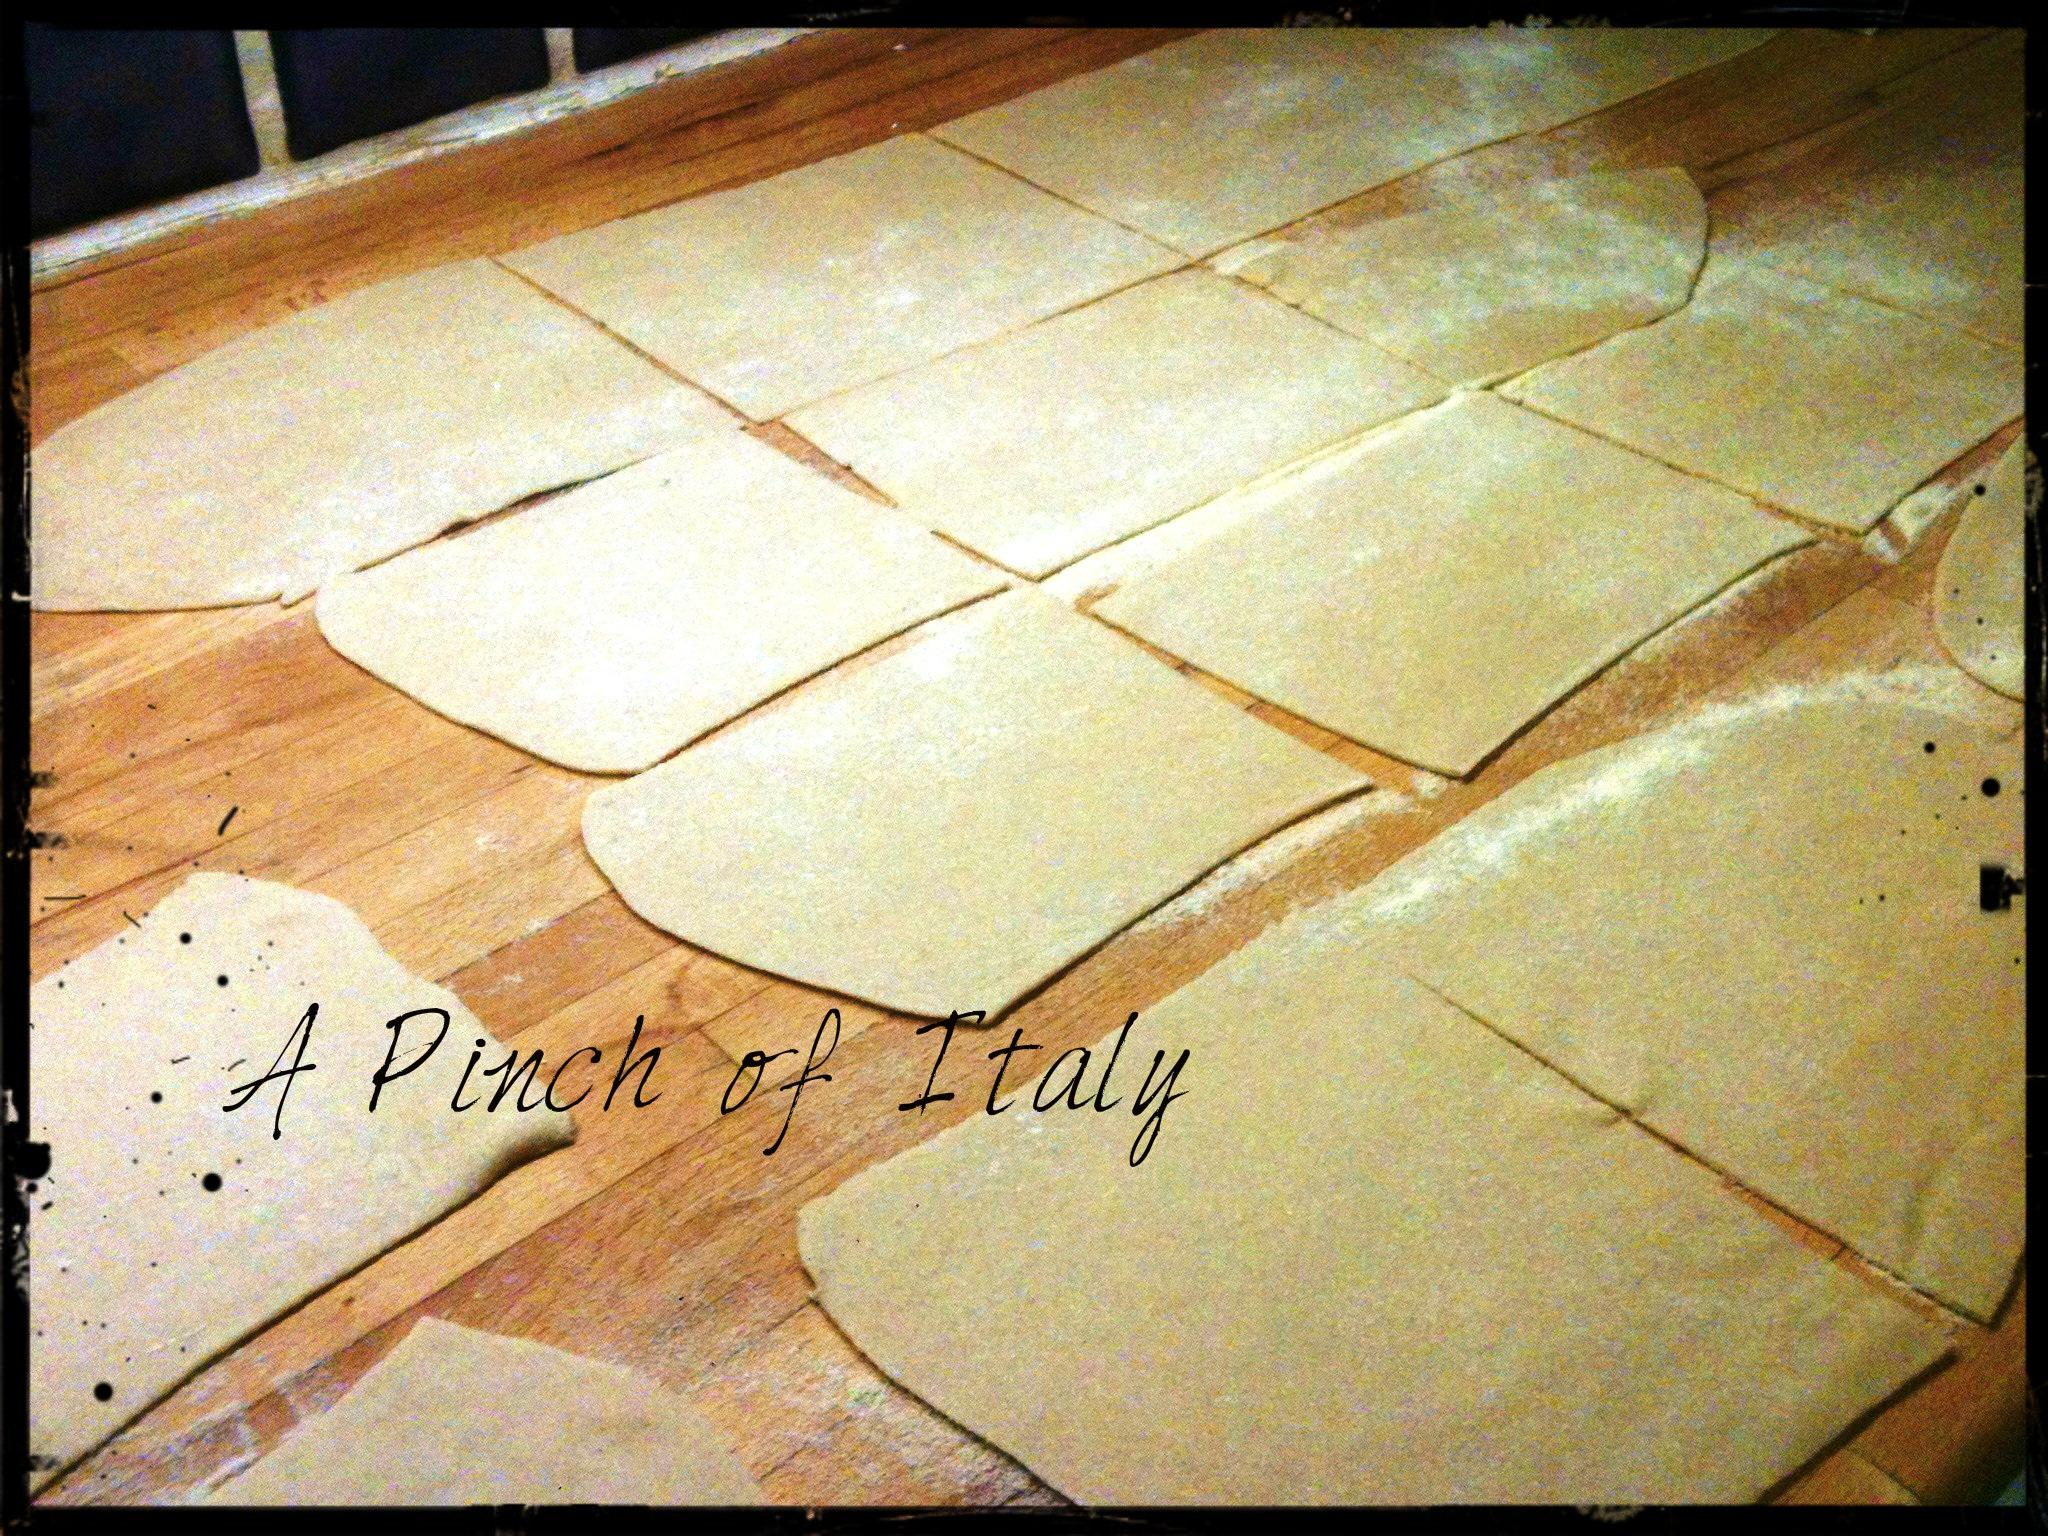 Pasta fresca all 39 uovo fatta in casa ricetta base a pinch of italy - Impastatrice per pasta fatta in casa ...